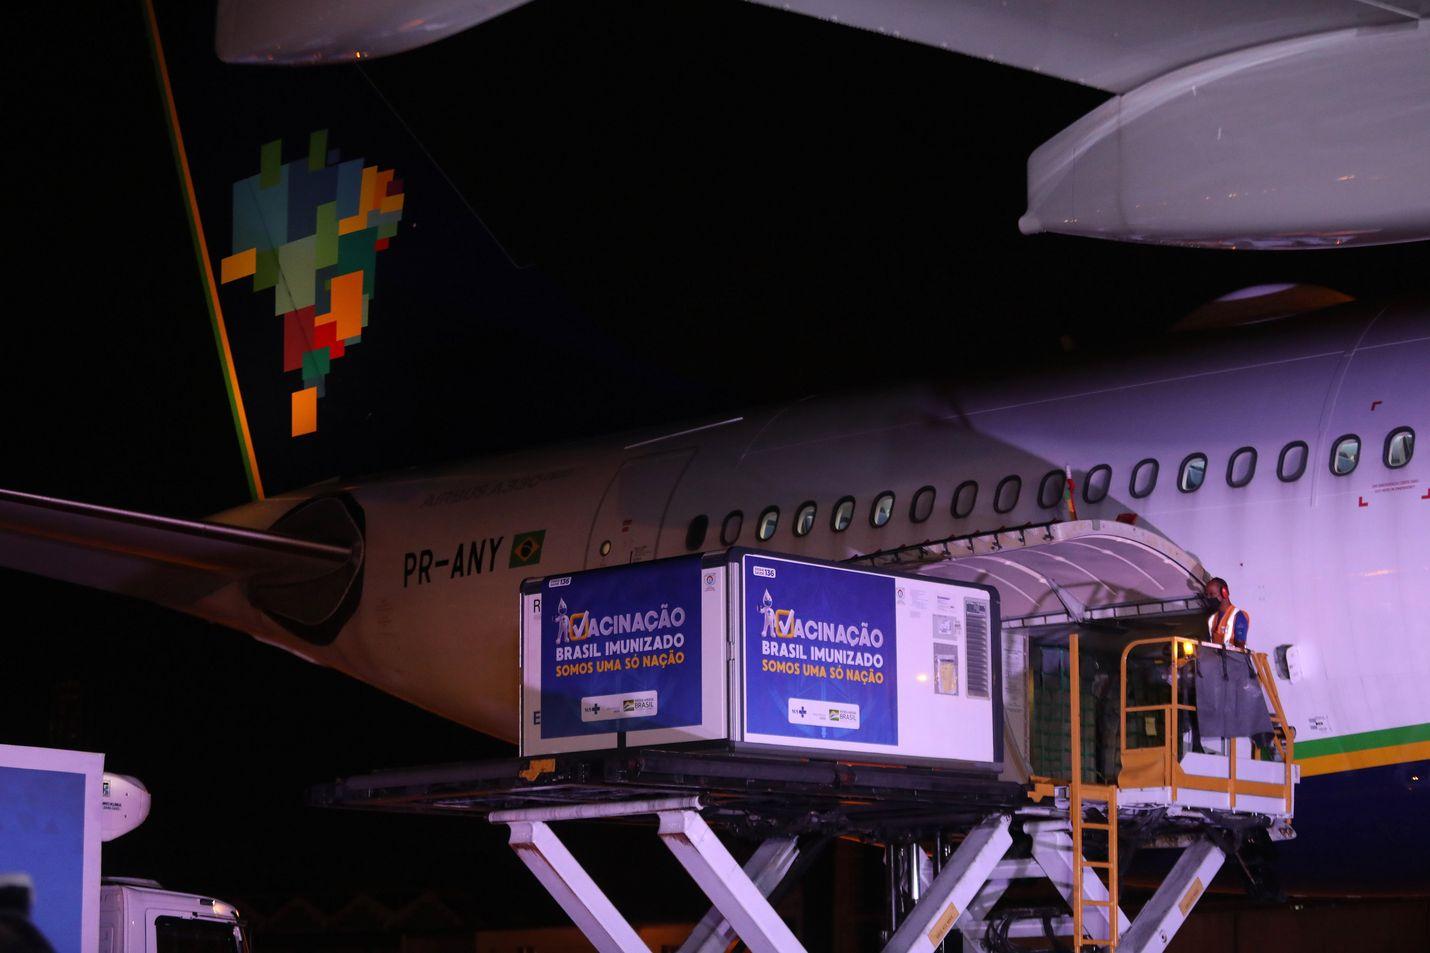 AstraZeneca on saanut jo myyntiluvan esimerkiksi Brasiliassa, joka on yksi koronaviruksesta pahimmin kärsineitä valtioita maailmassa. Perjantaina Intiassa valmistettuja AstraZenecan rokoteannoksia tuotiin Rio De Janeiron kansainväliselle lentokentälle.